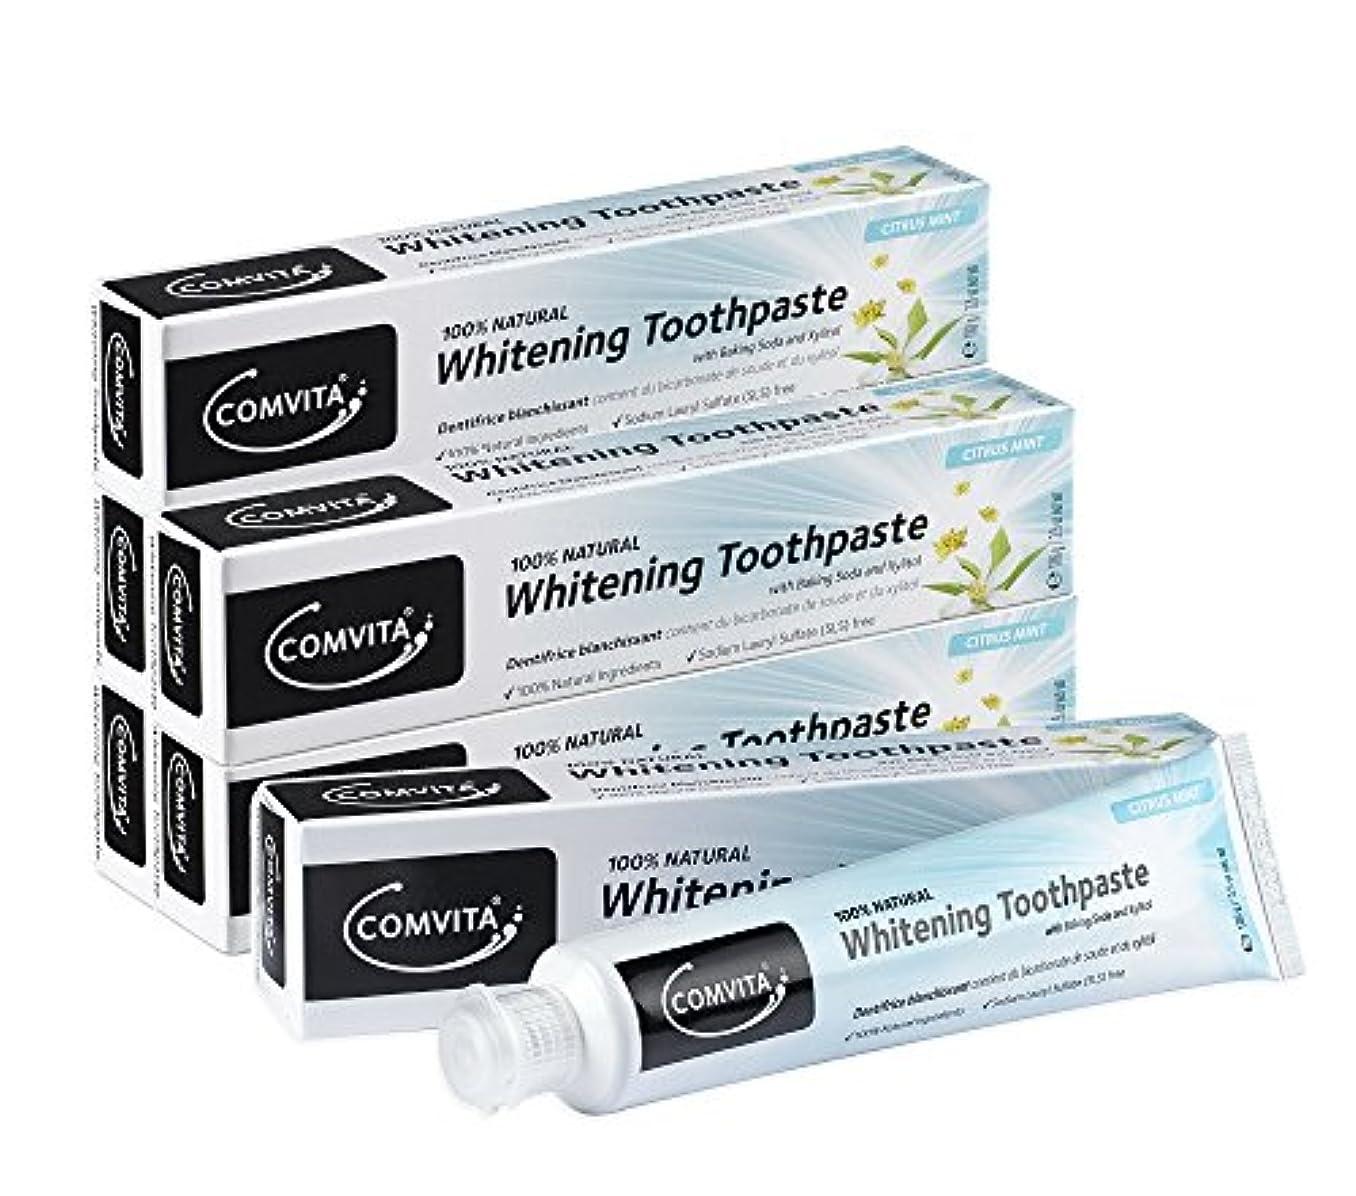 実験的ペンス絶縁するホワイトニング歯磨き コンビタ 100g お得な6本セット whitening toothpaste